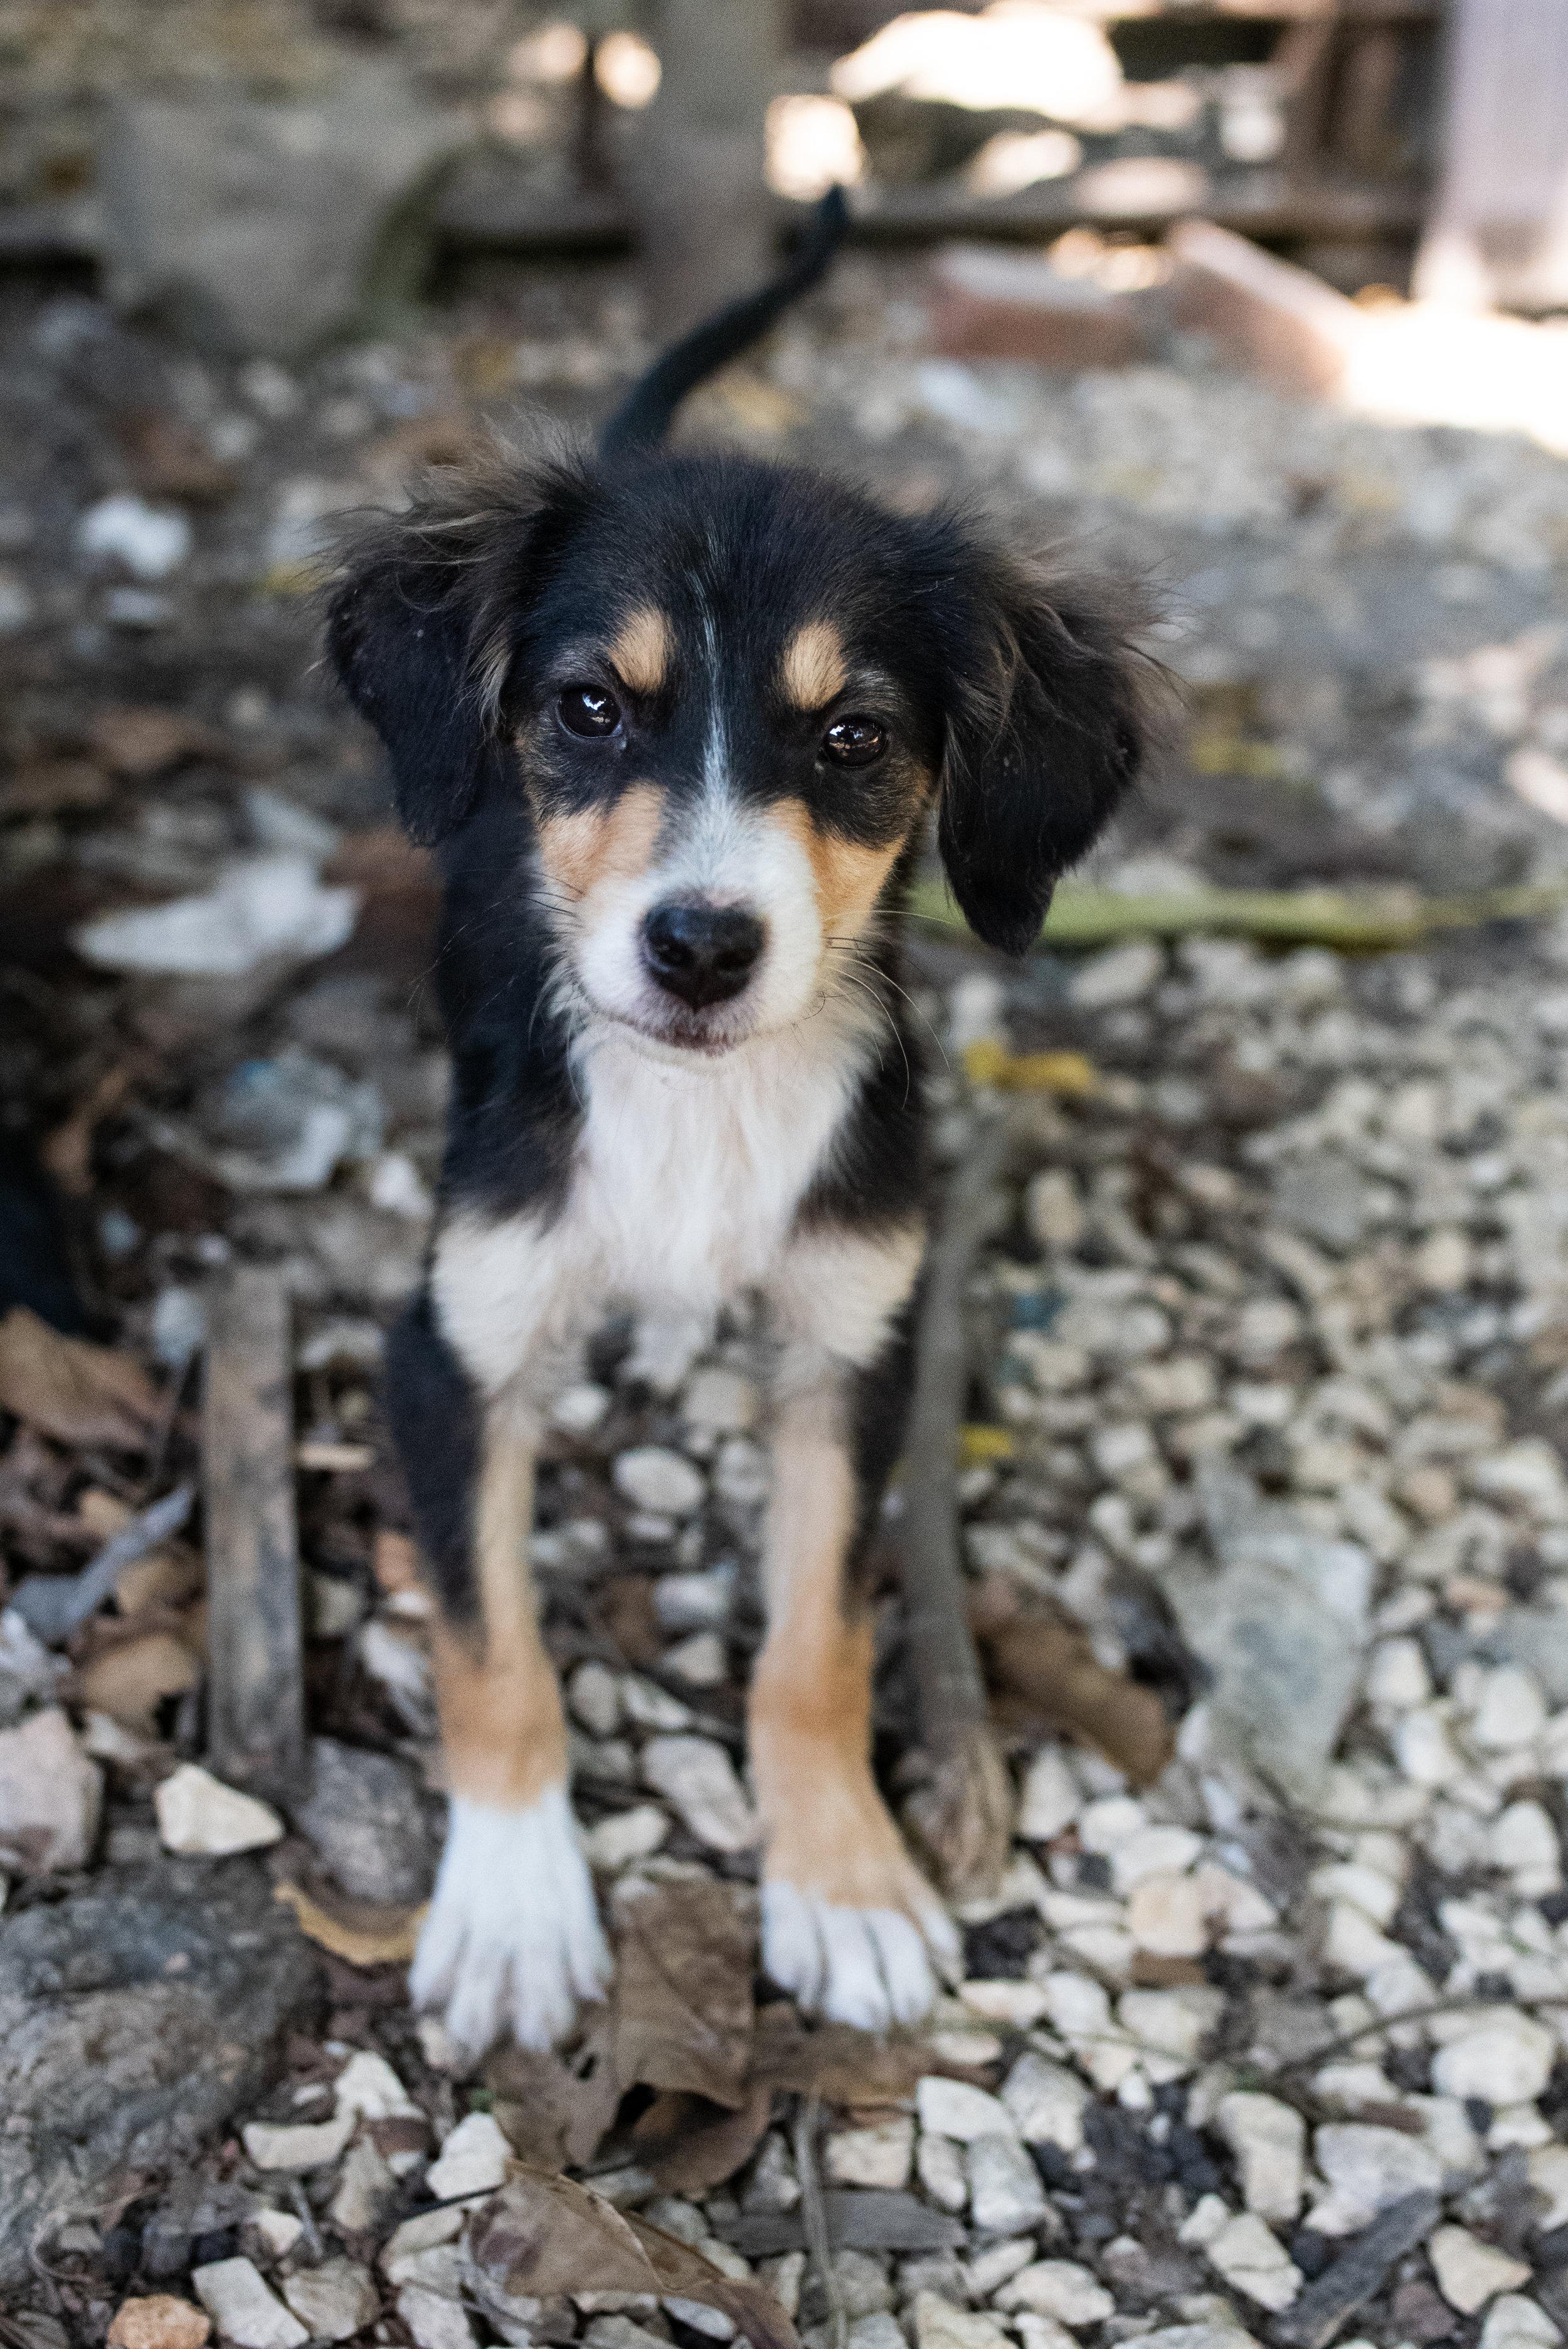 Cuba_dogs-120-5.jpg